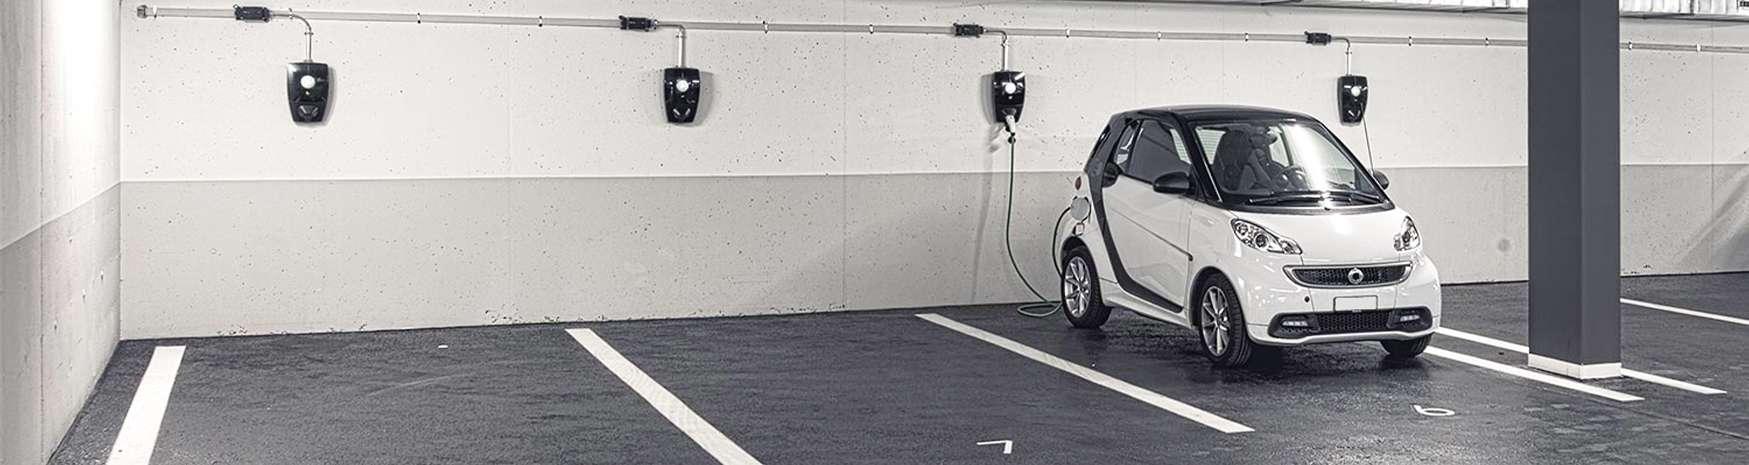 Bornes de recharge <br>Copropriétés et parkings